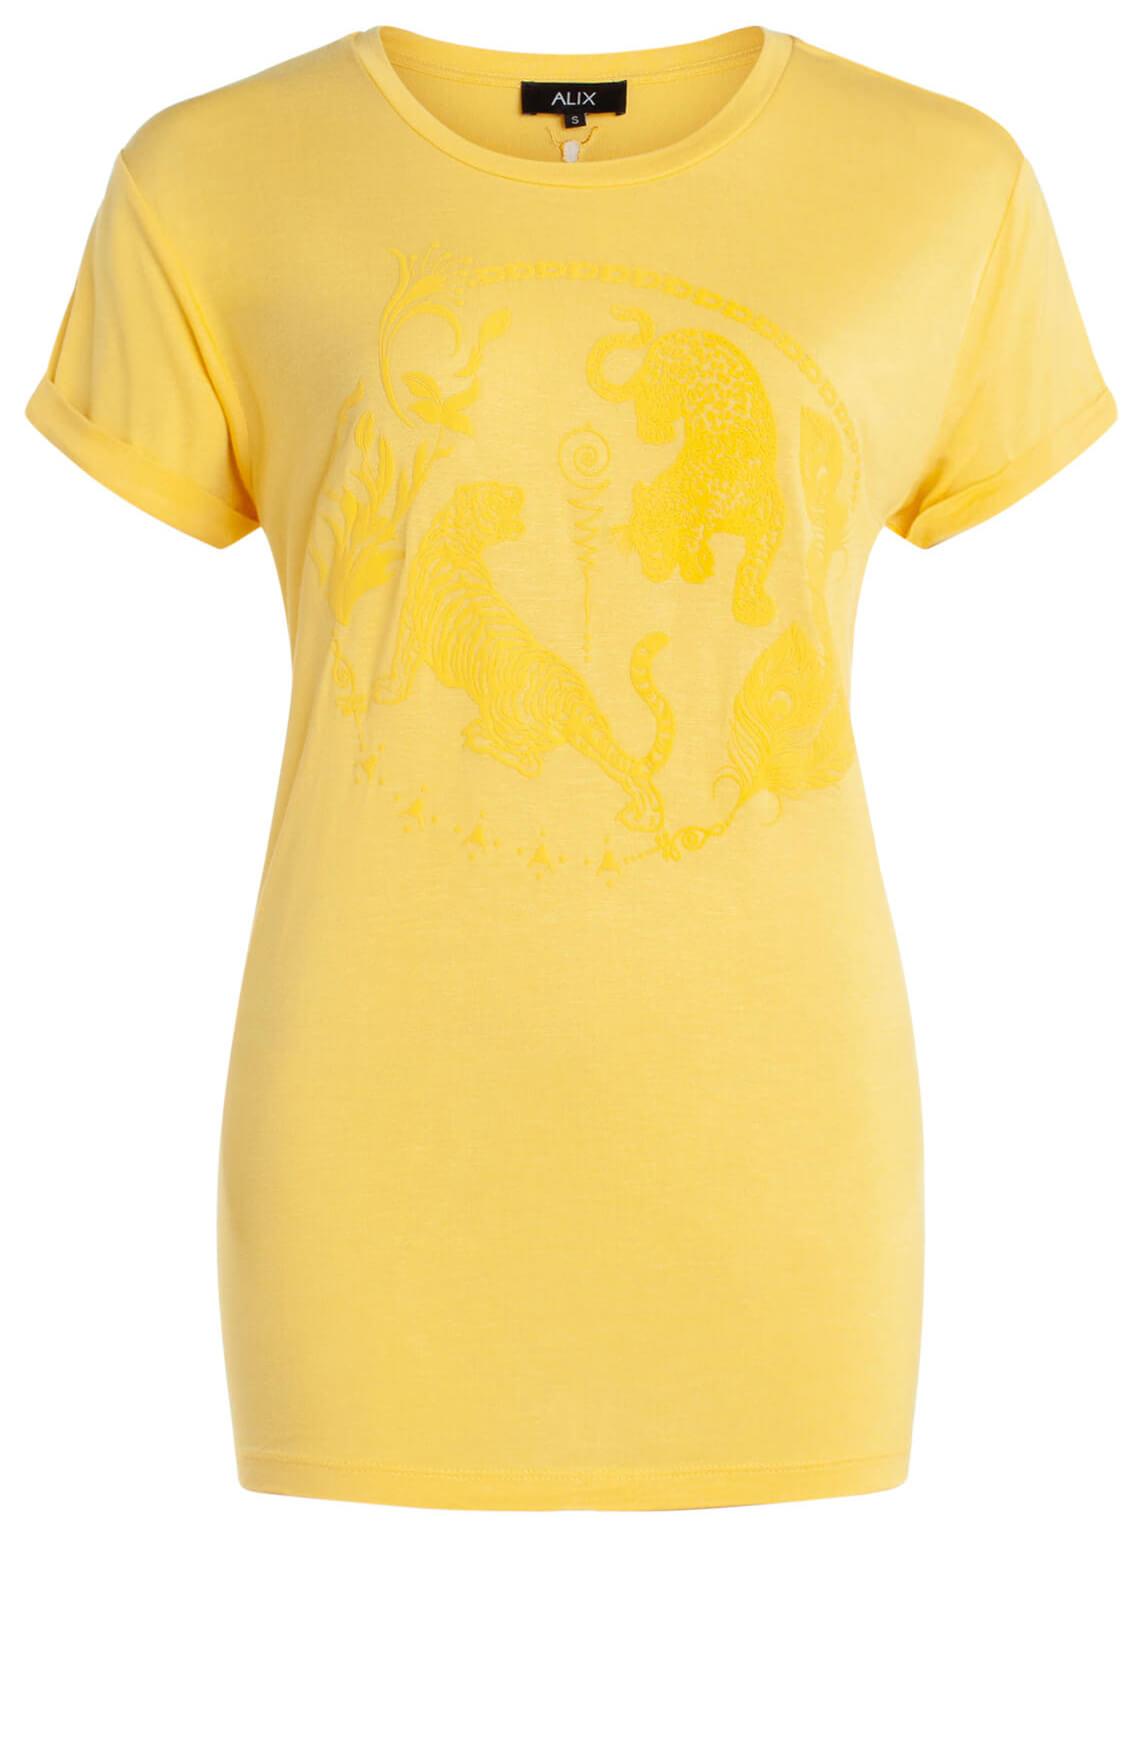 Alix The Label Dames Shirt met opdruk geel